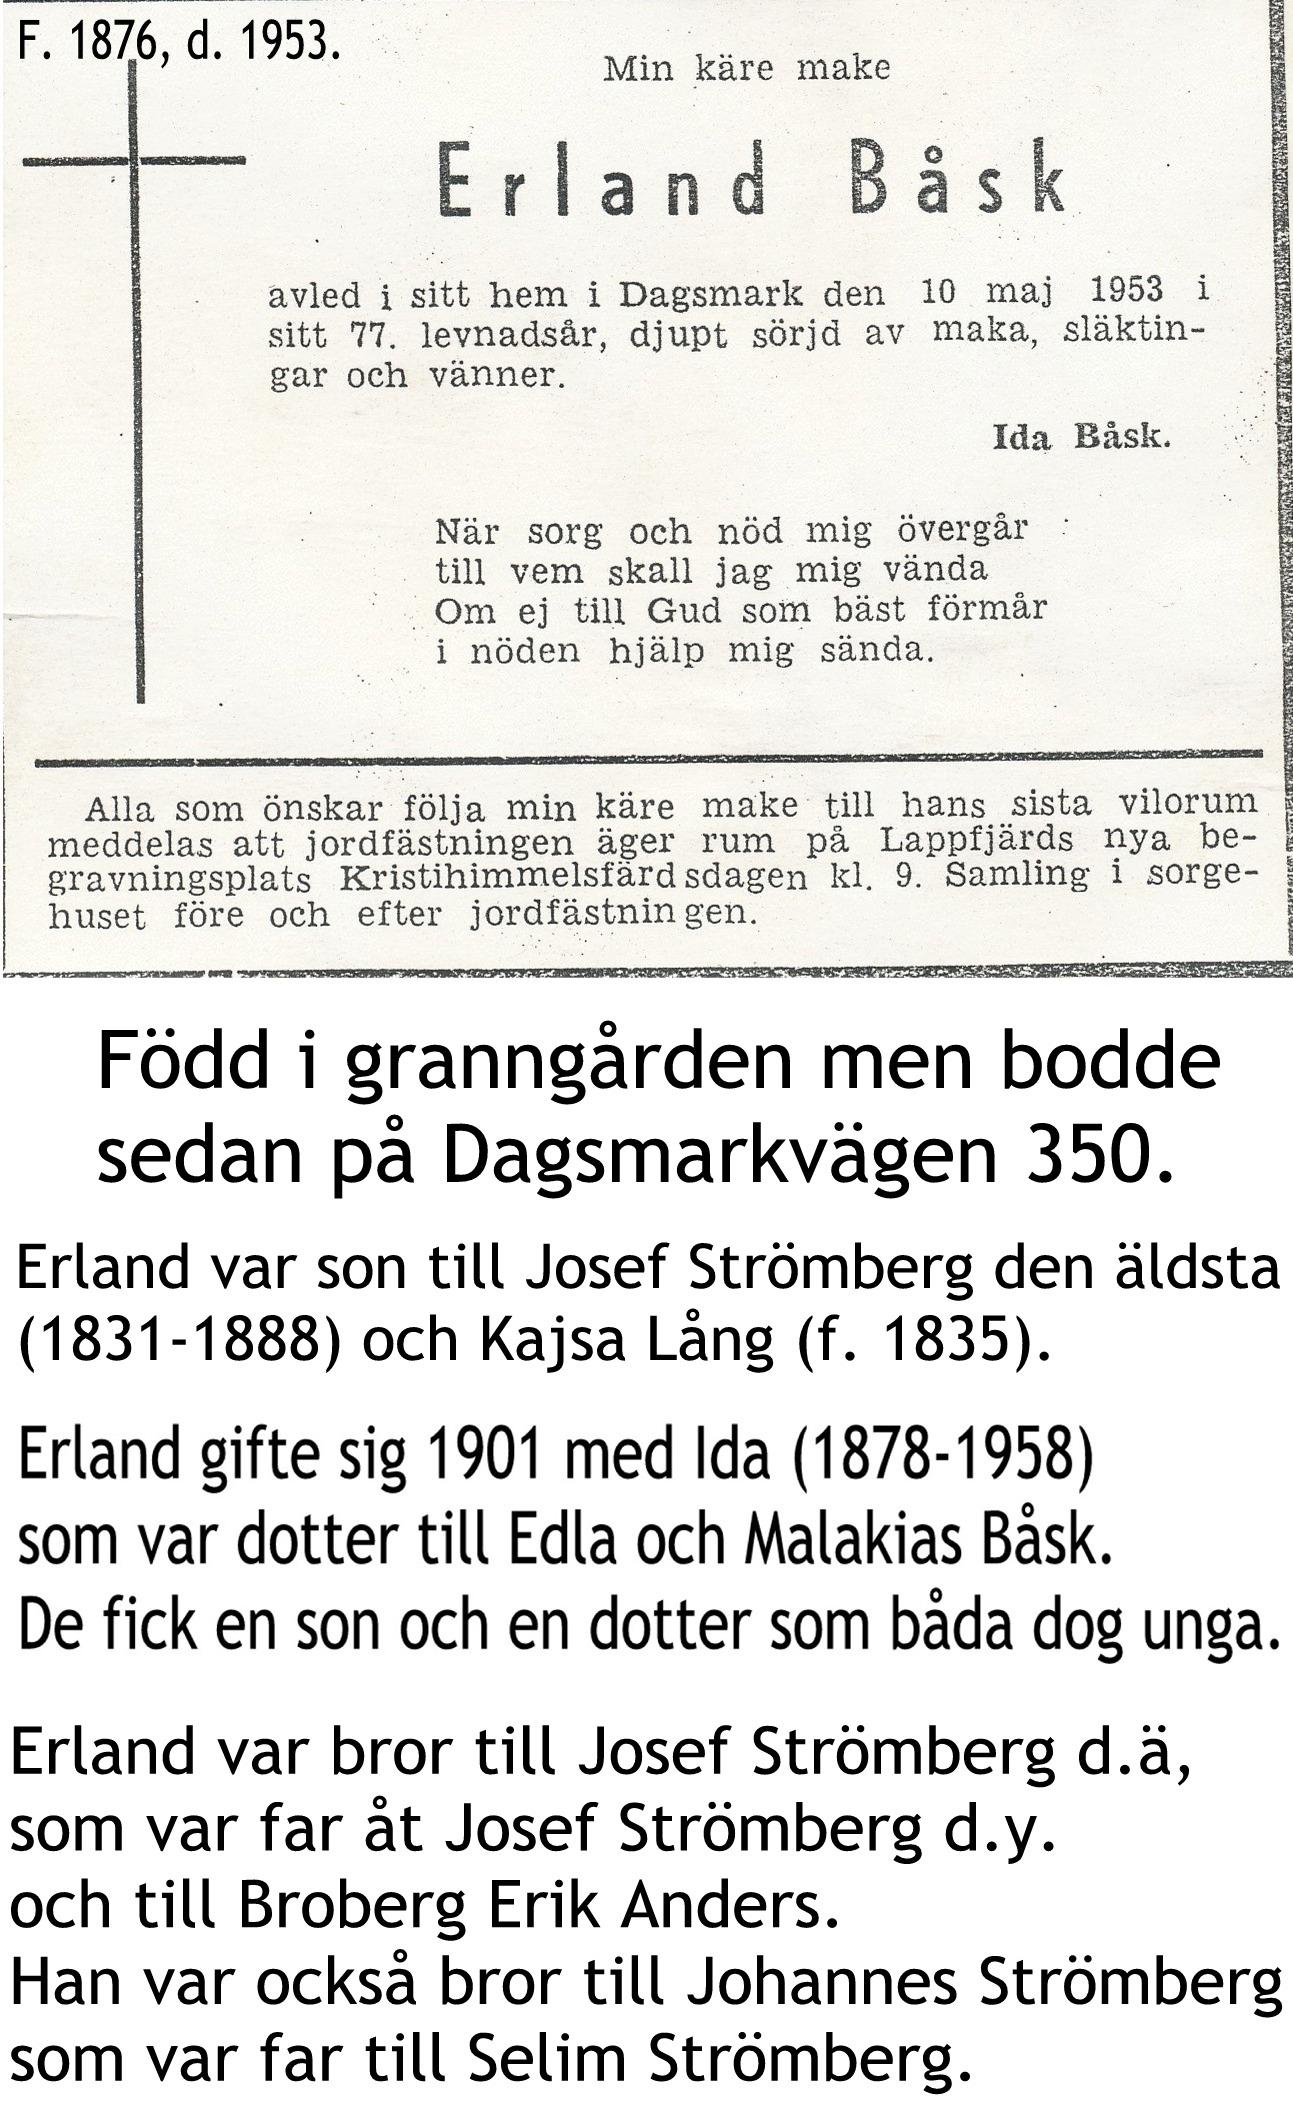 Båsk Erland